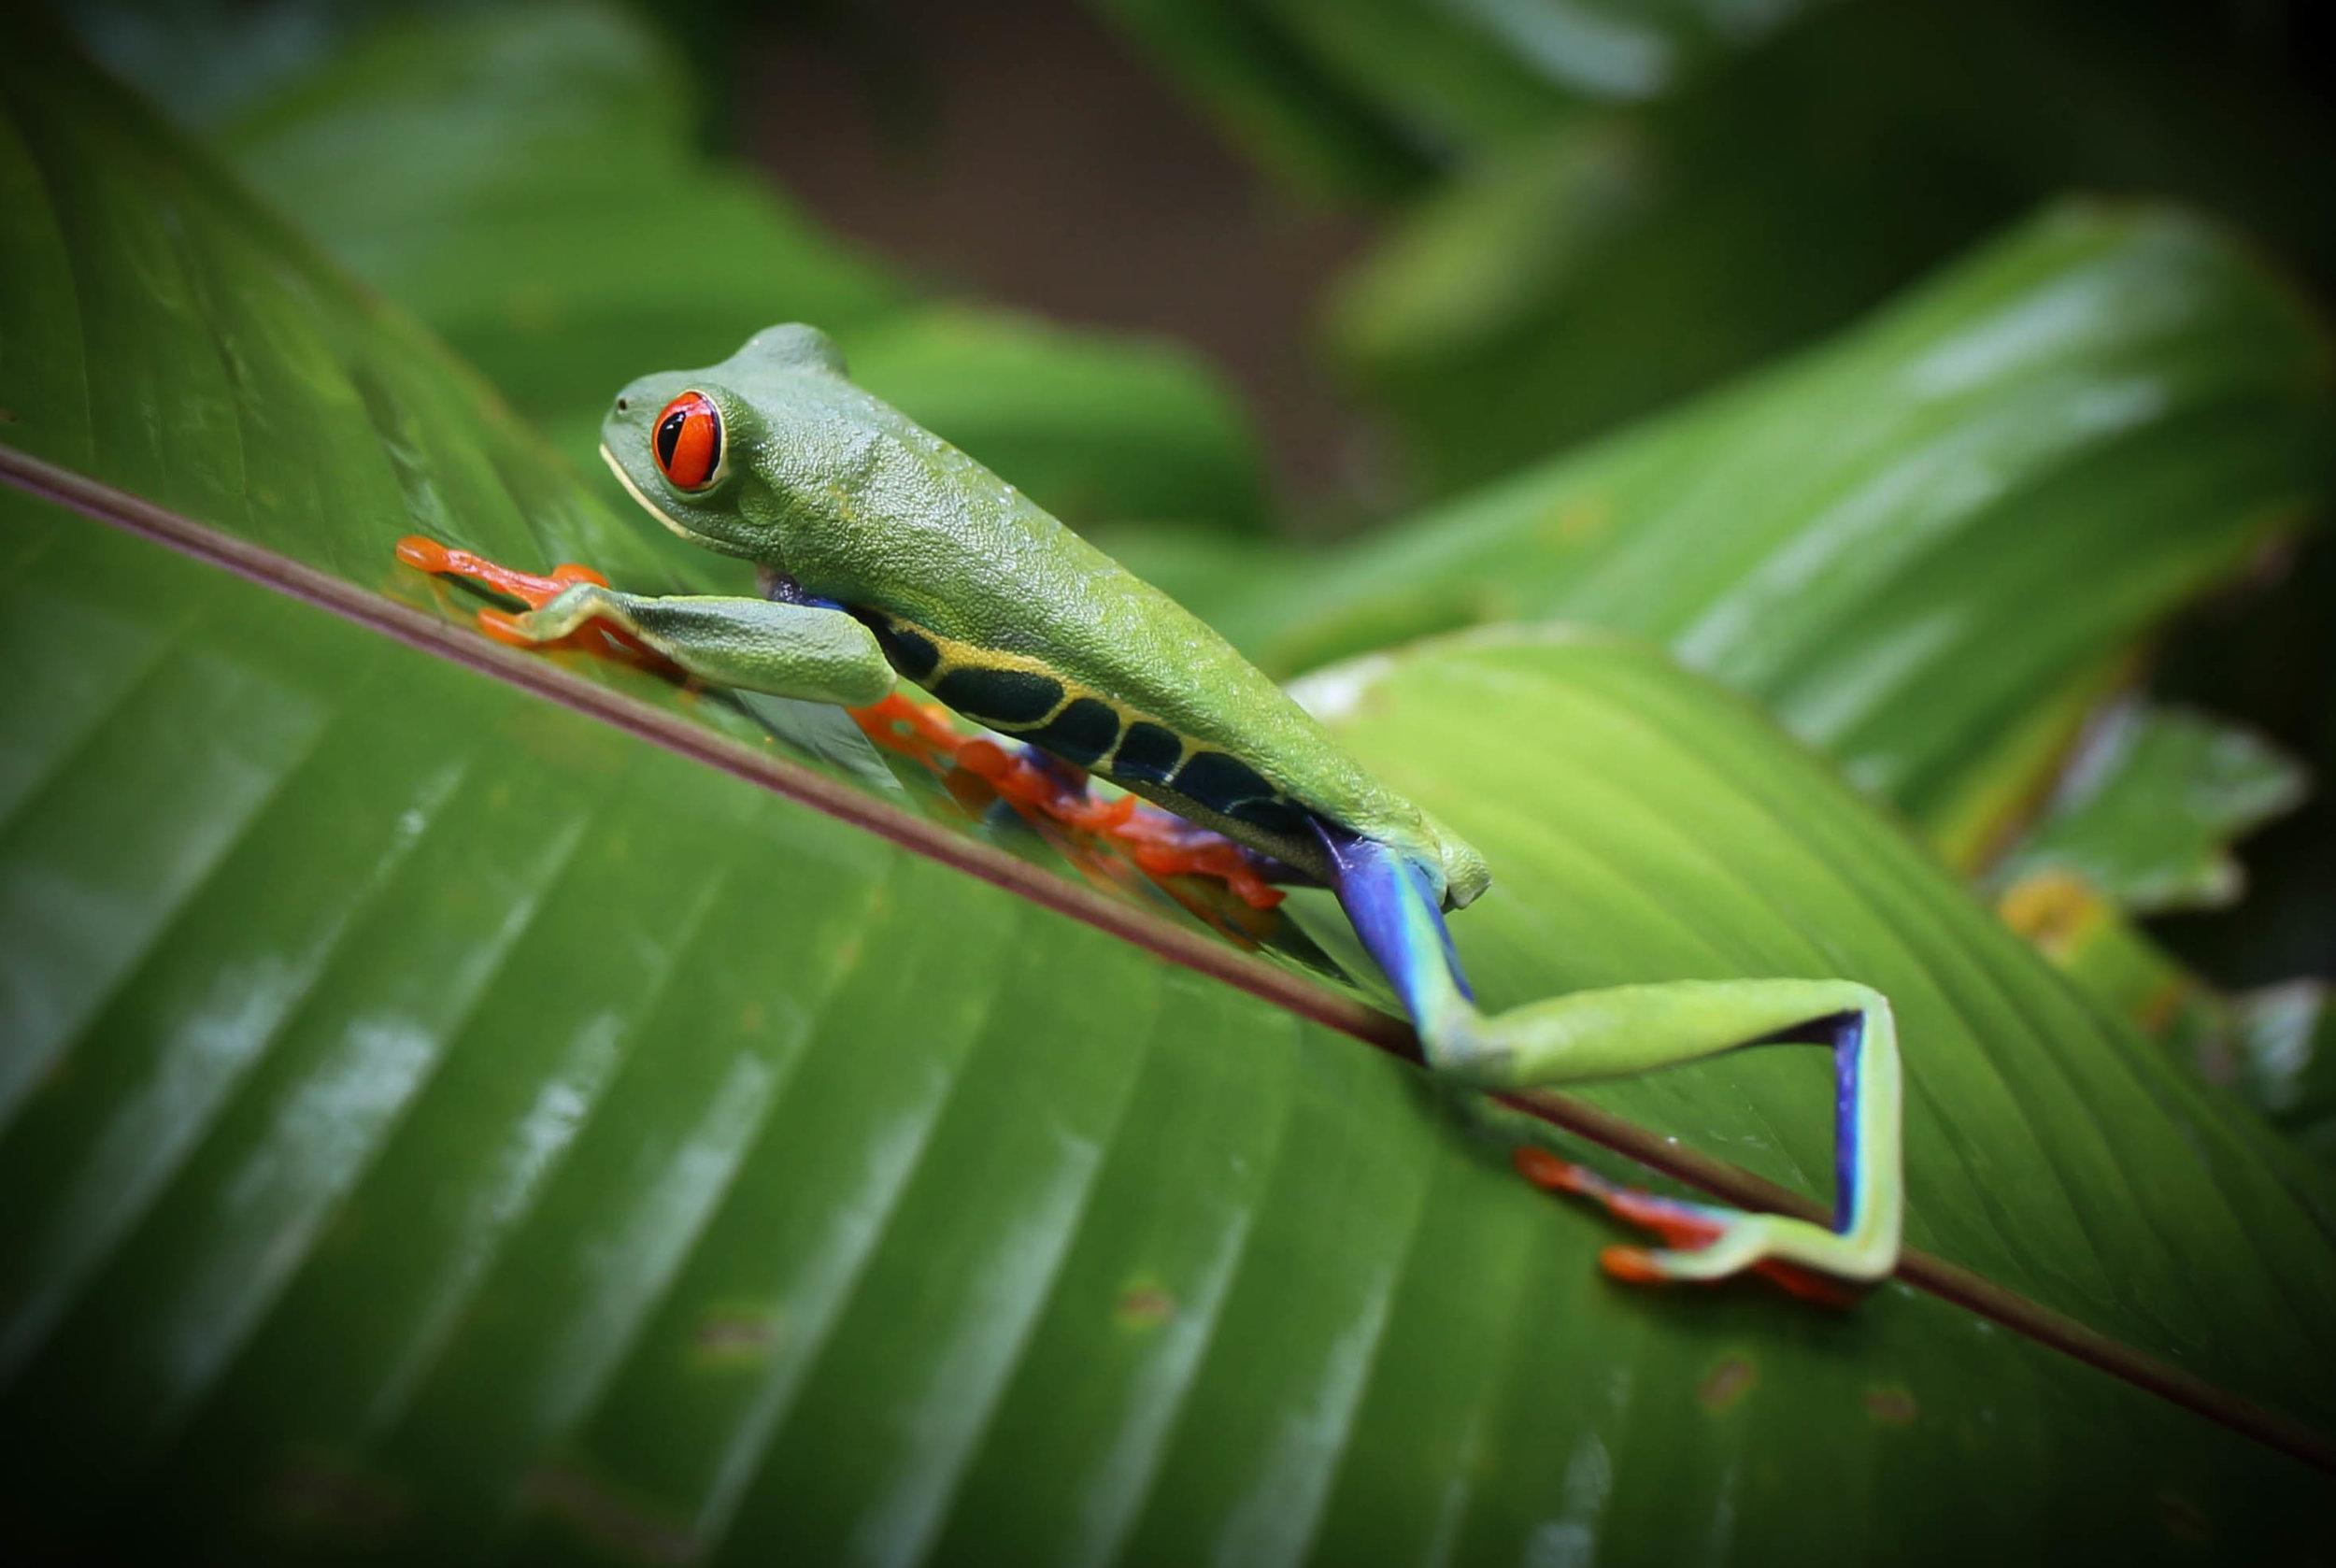 4-Red-eyed Leaf Frog.jpg